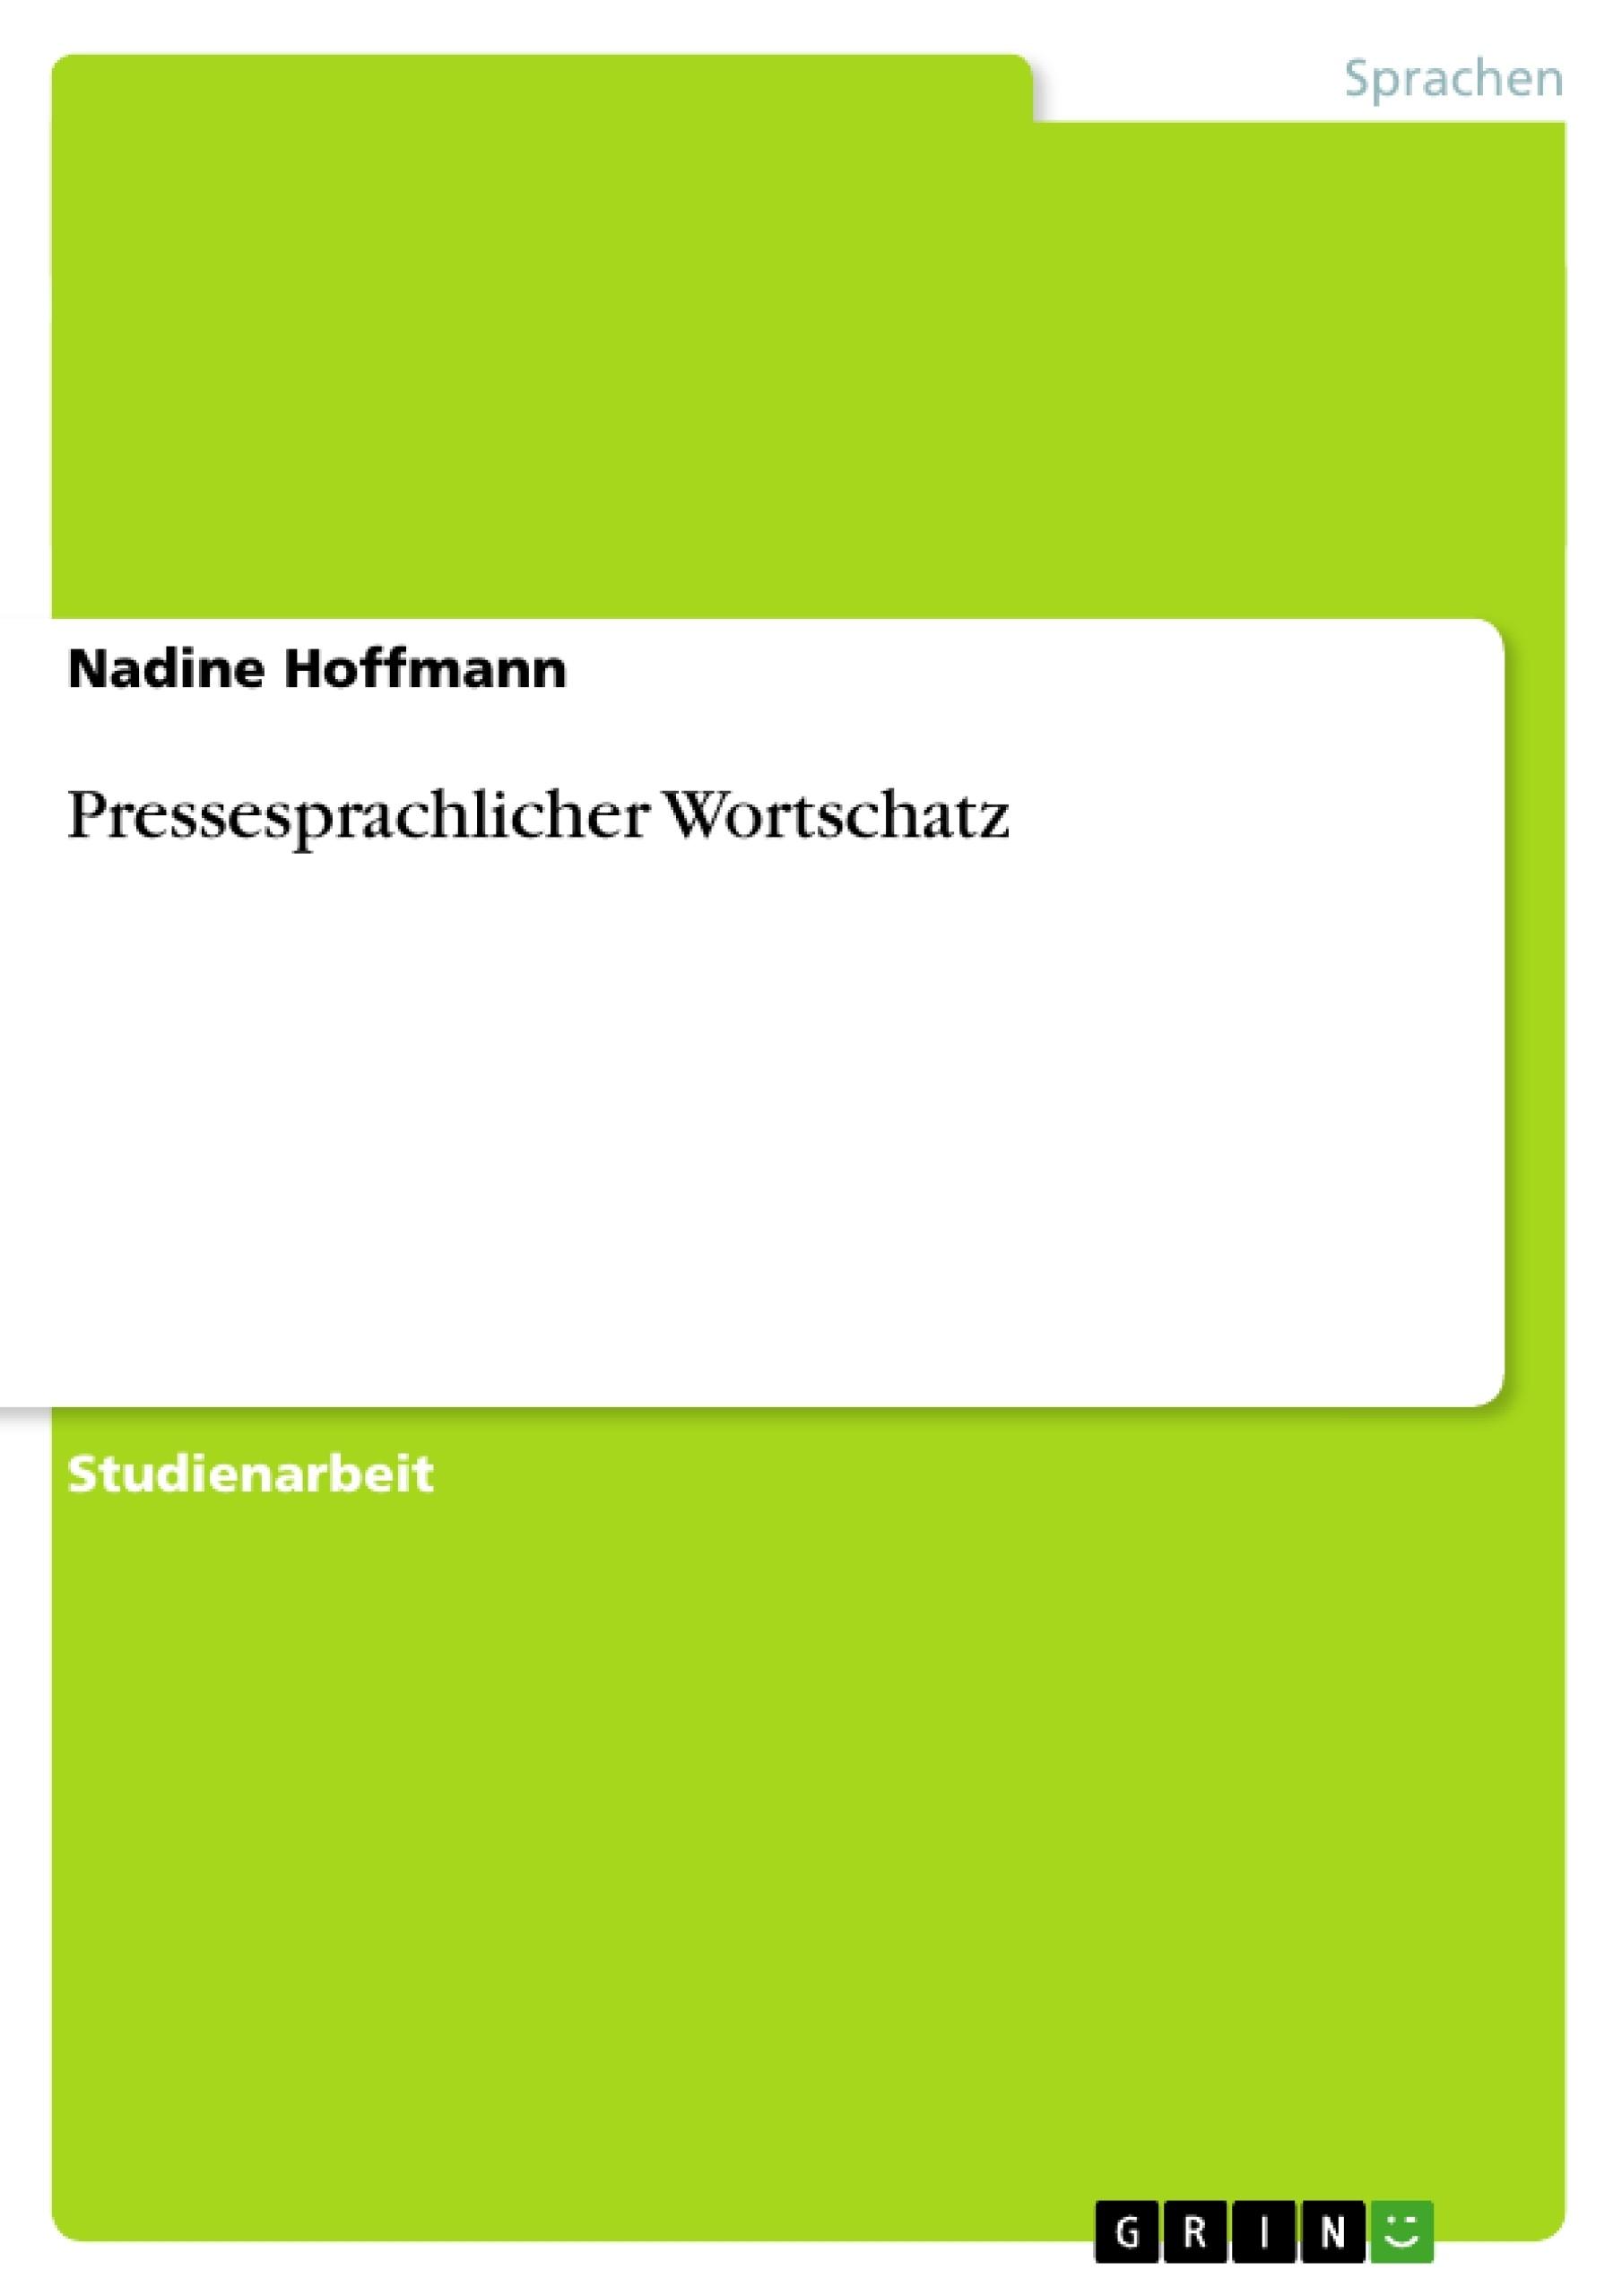 Titel: Pressesprachlicher Wortschatz